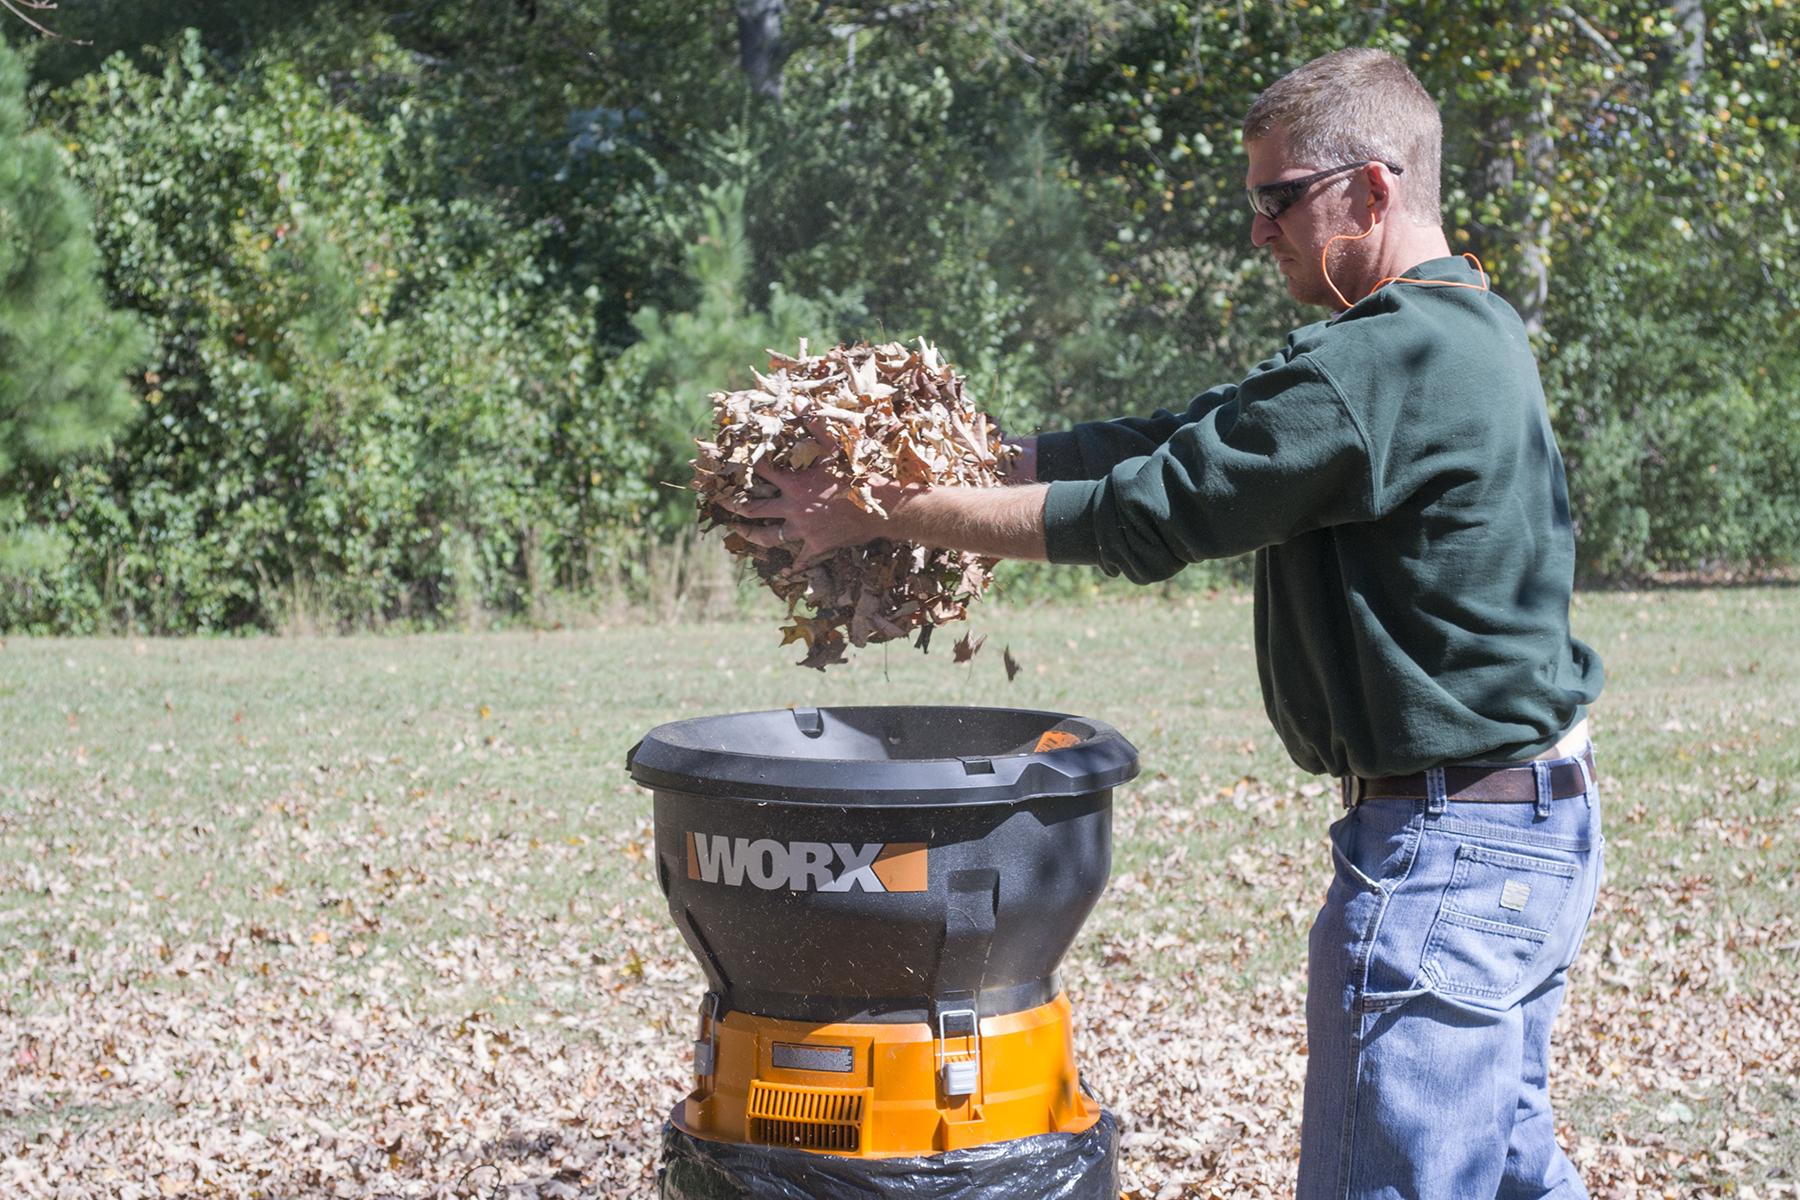 WORX Leaf Mulcher